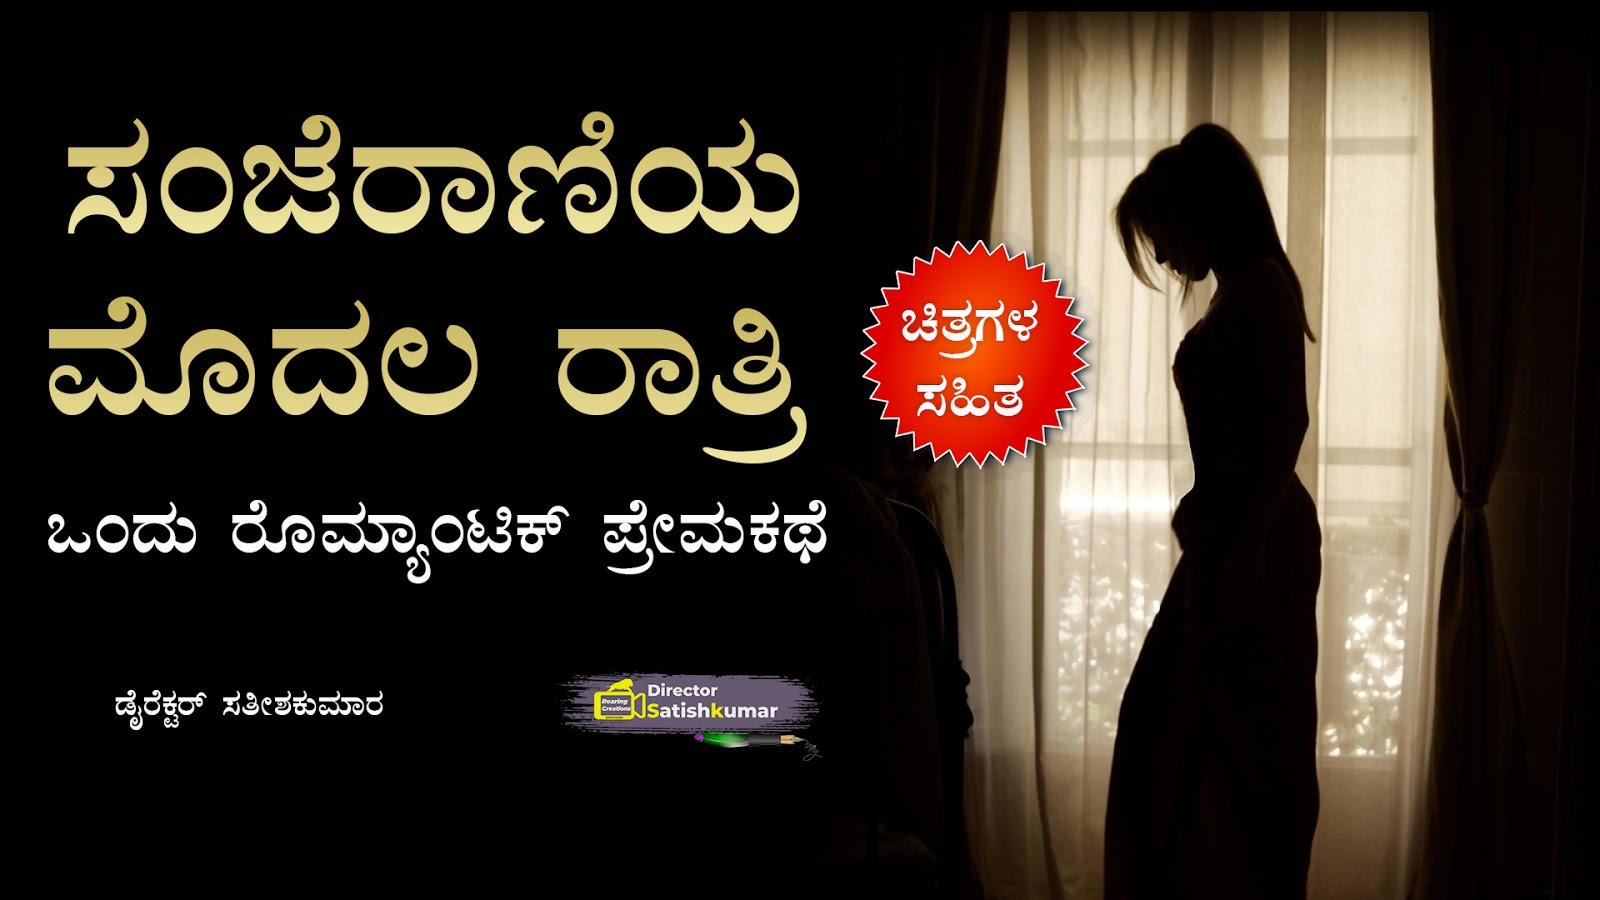 ಸಂಜೆರಾಣಿಯ ಮೊದಲ ರಾತ್ರಿ - ಒಂದು ರೊಮ್ಯಾಂಟಿಕ್ ಪ್ರೇಮಕಥೆ - One Romantic Love Story eBook in Kannada - Story eBooks in Kannada